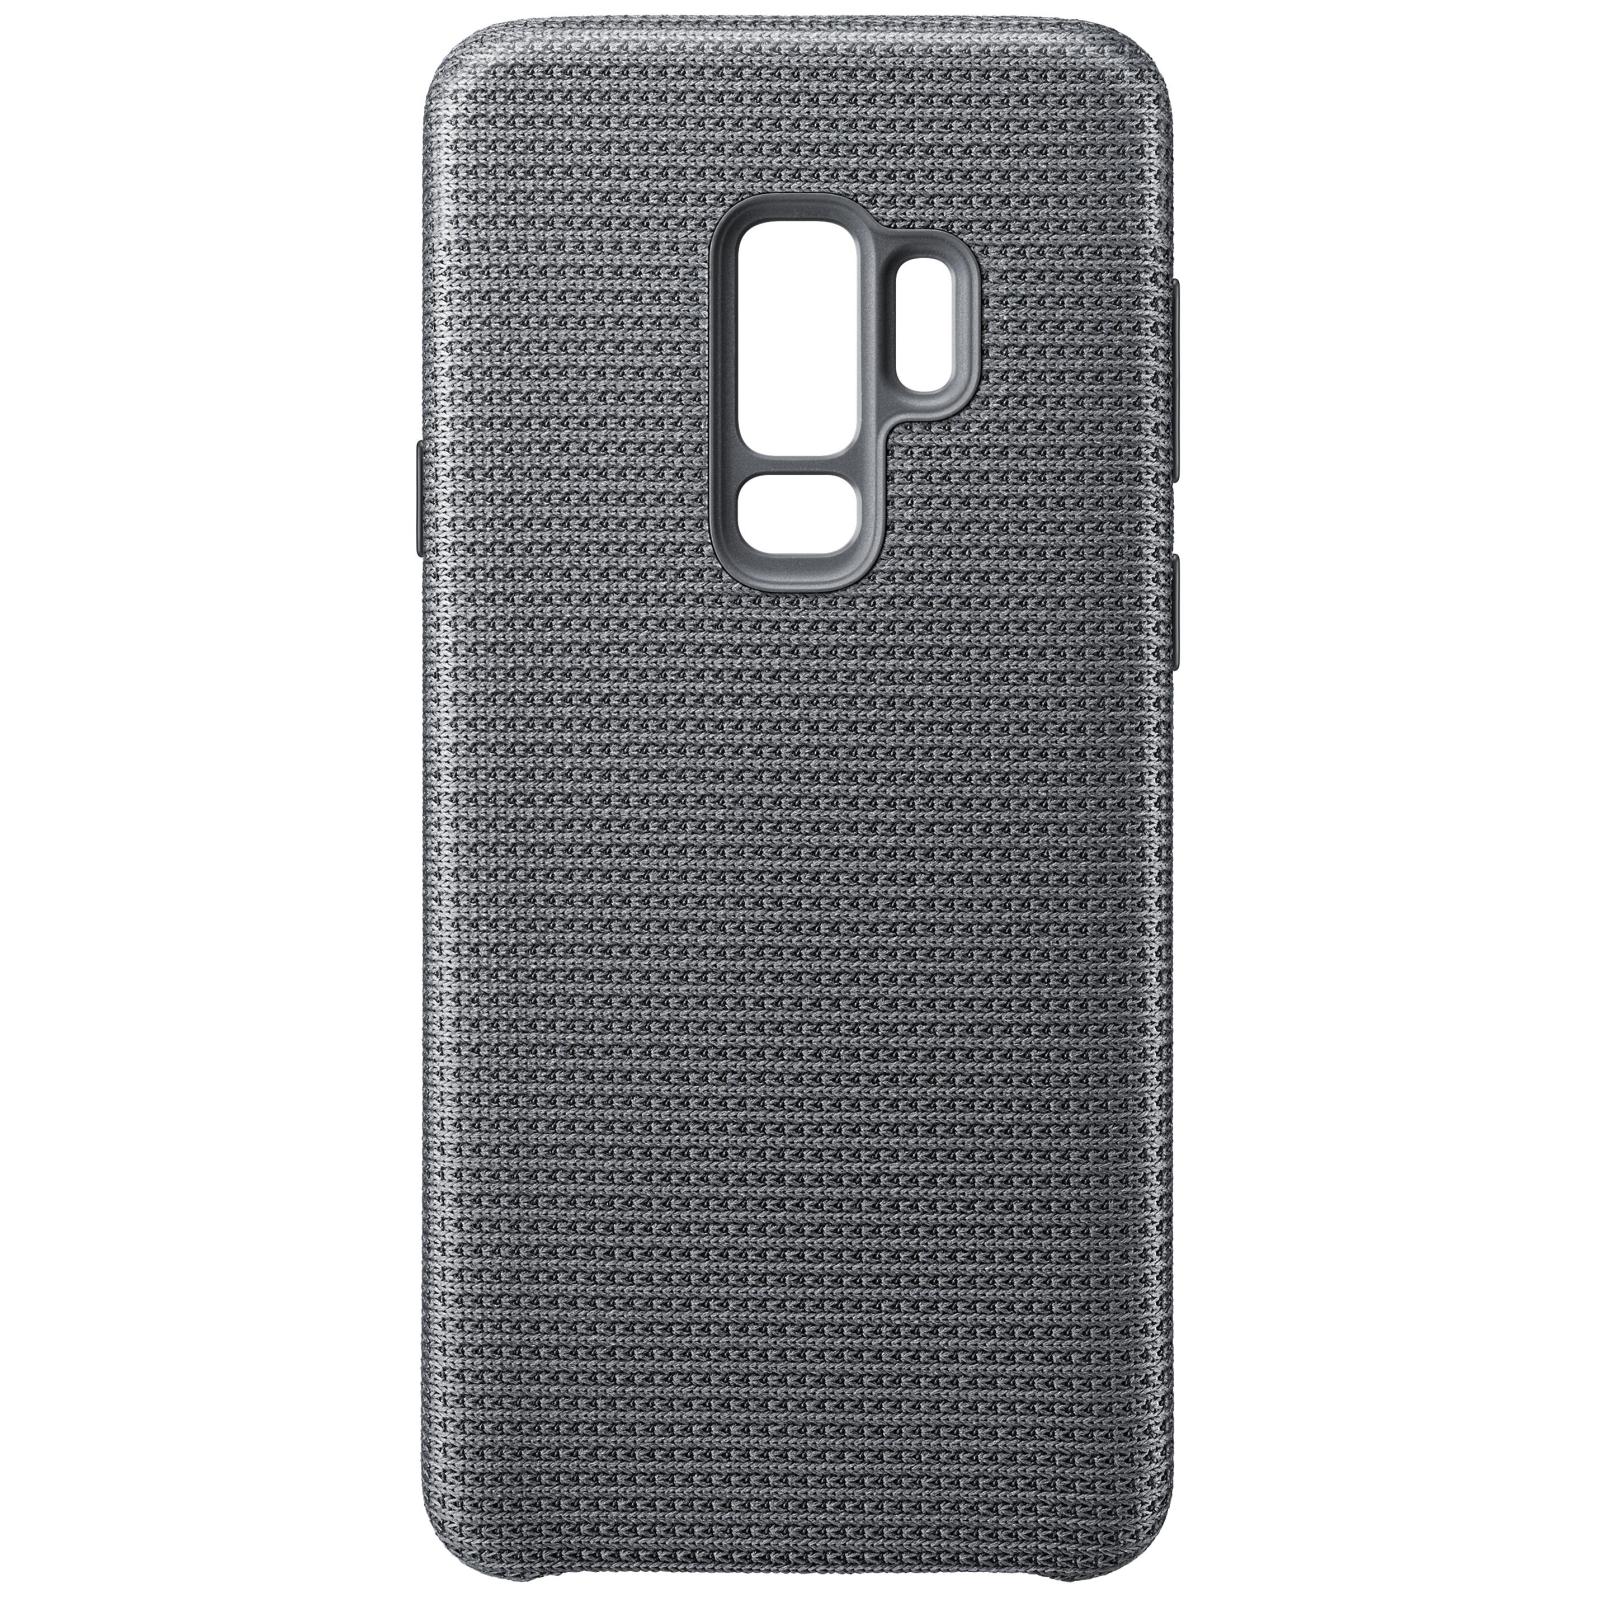 Чехол для моб. телефона Samsung для Galaxy S9+ (G965) Hyperknit Cover Grey (EF-GG965FJEGRU)